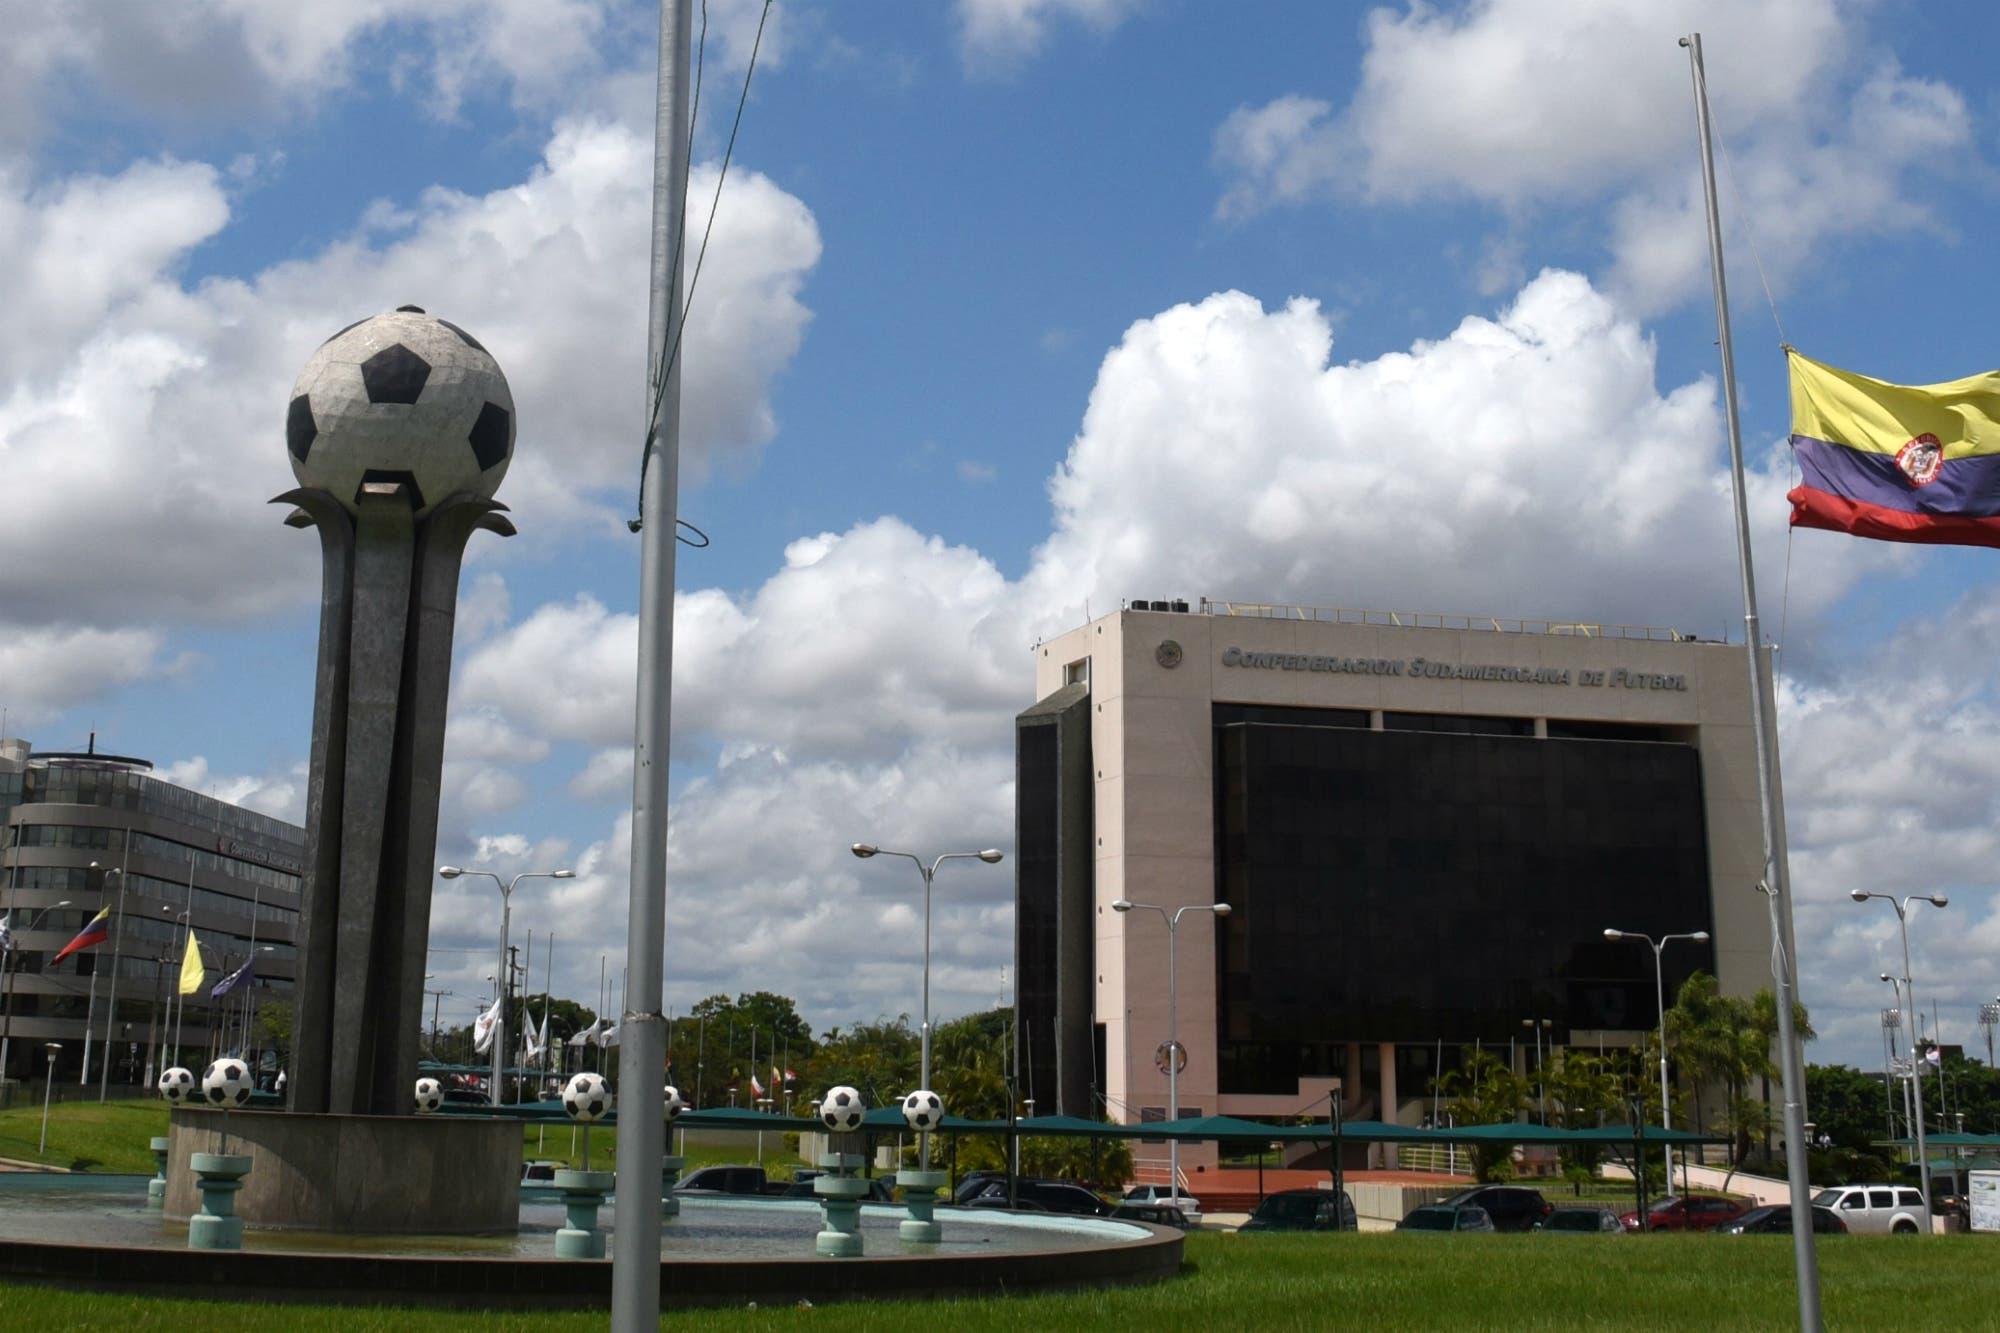 Copa Libertadores. Quiénes deciden sobre River-Boca: cómo funciona el Tribunal de Disciplina de la Conmebol